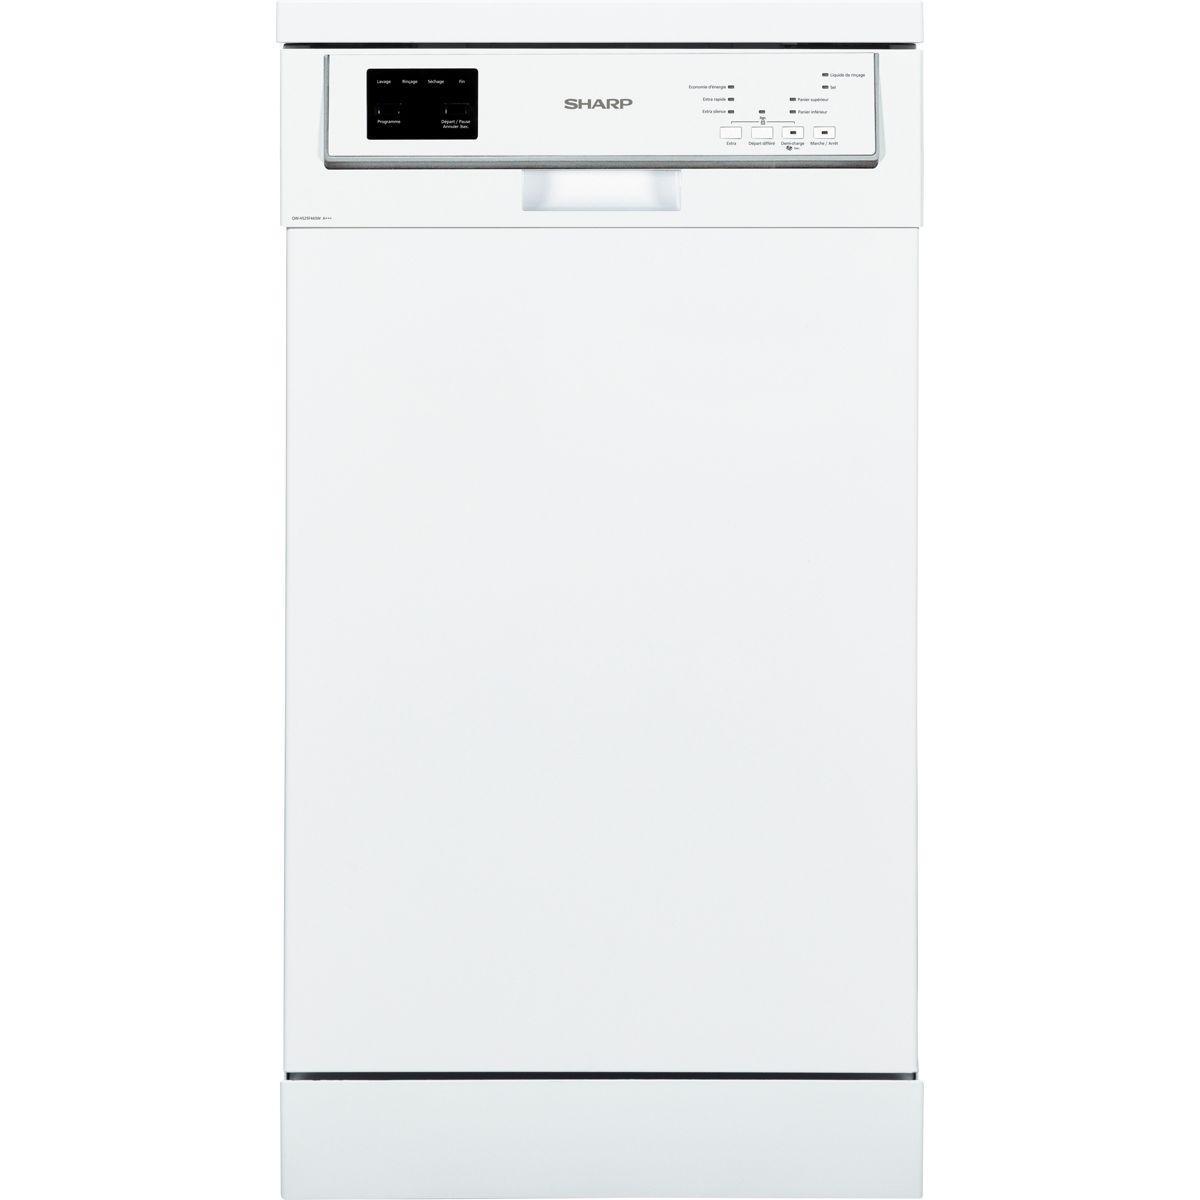 Lave vaisselle 45 cm sharp qw-hs25f443w - livraison offerte : code livp